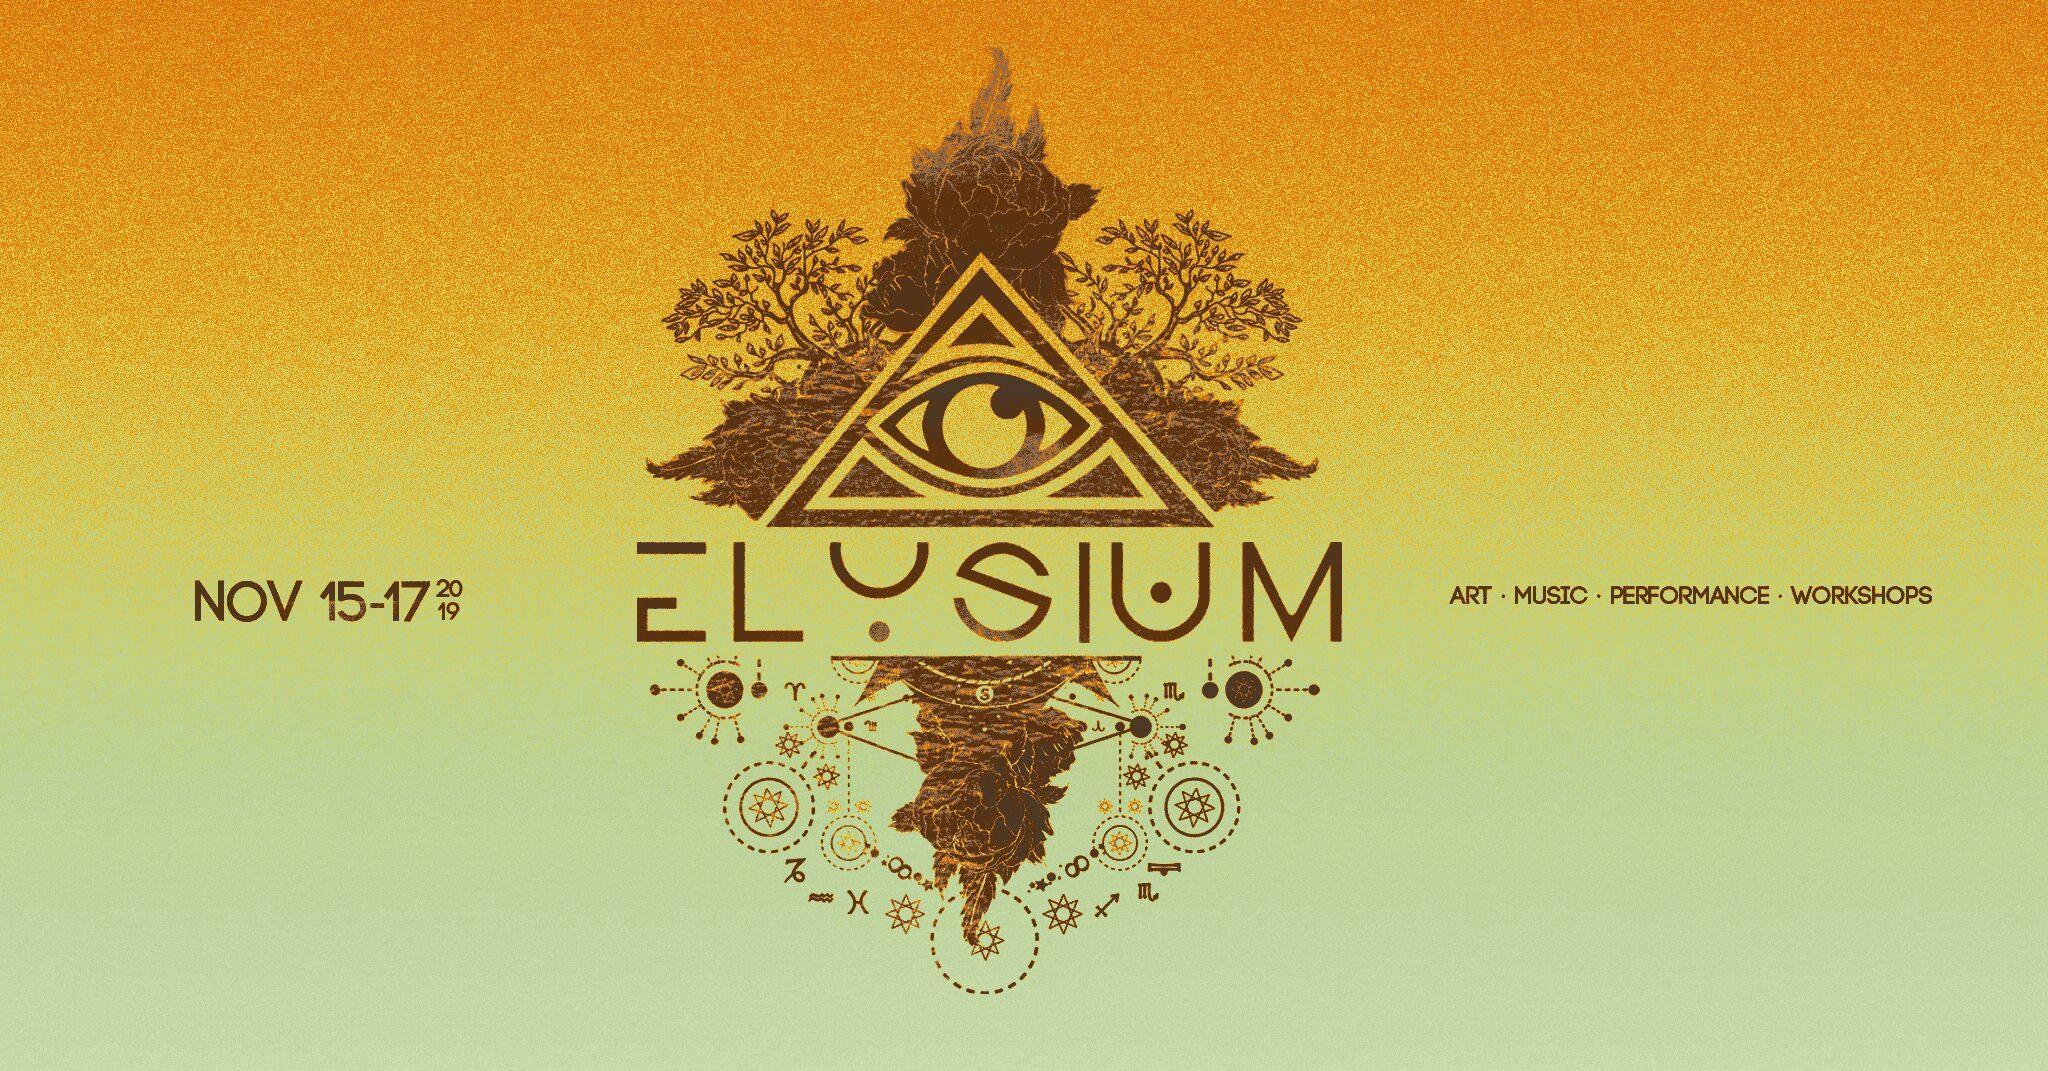 Elysium Gathering 2019